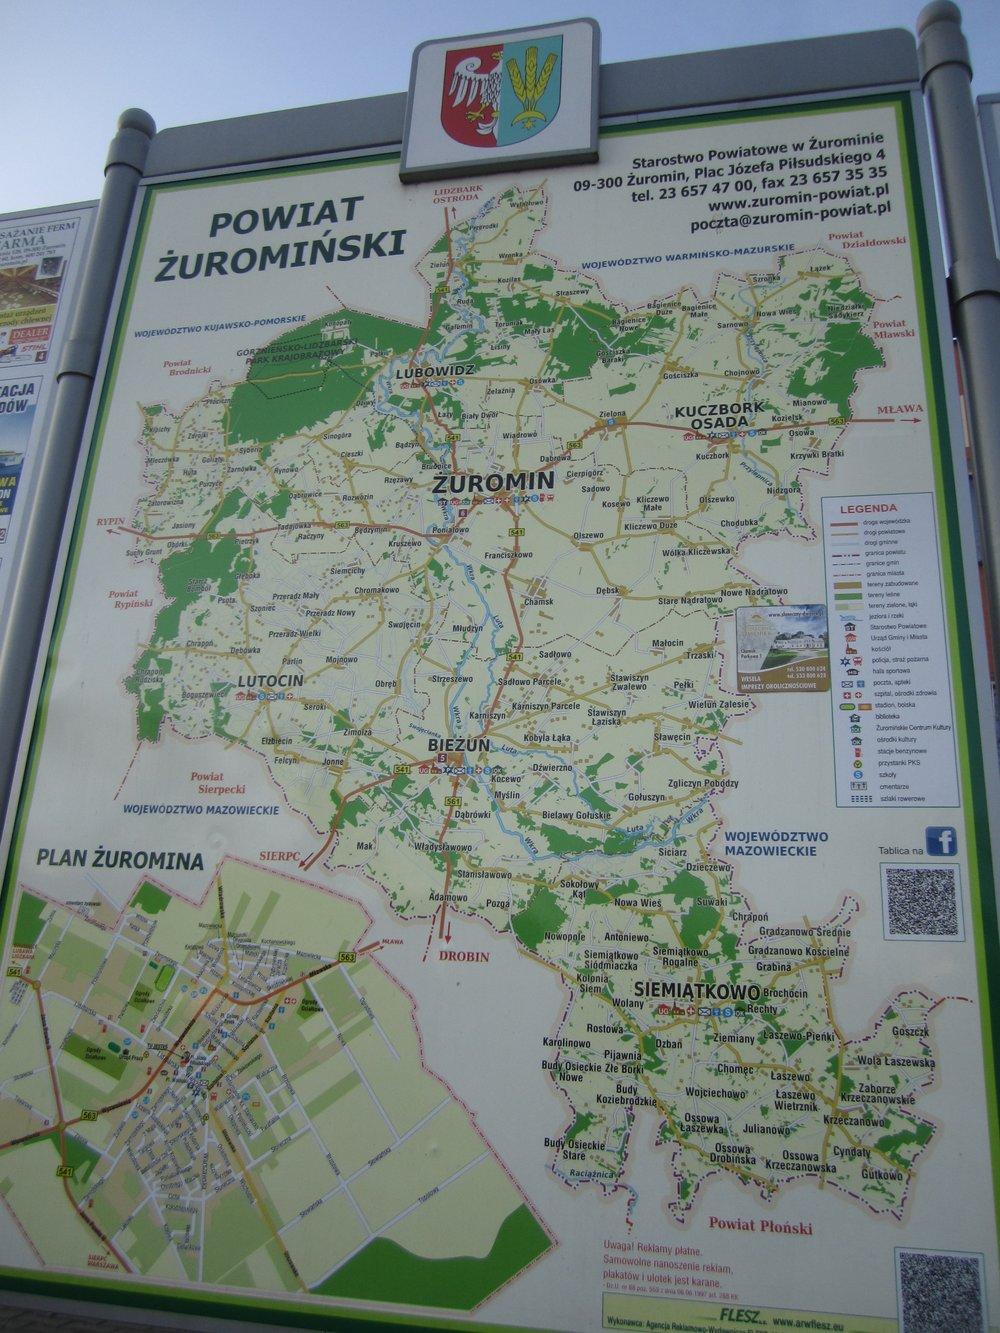 Zuromin map.jpg